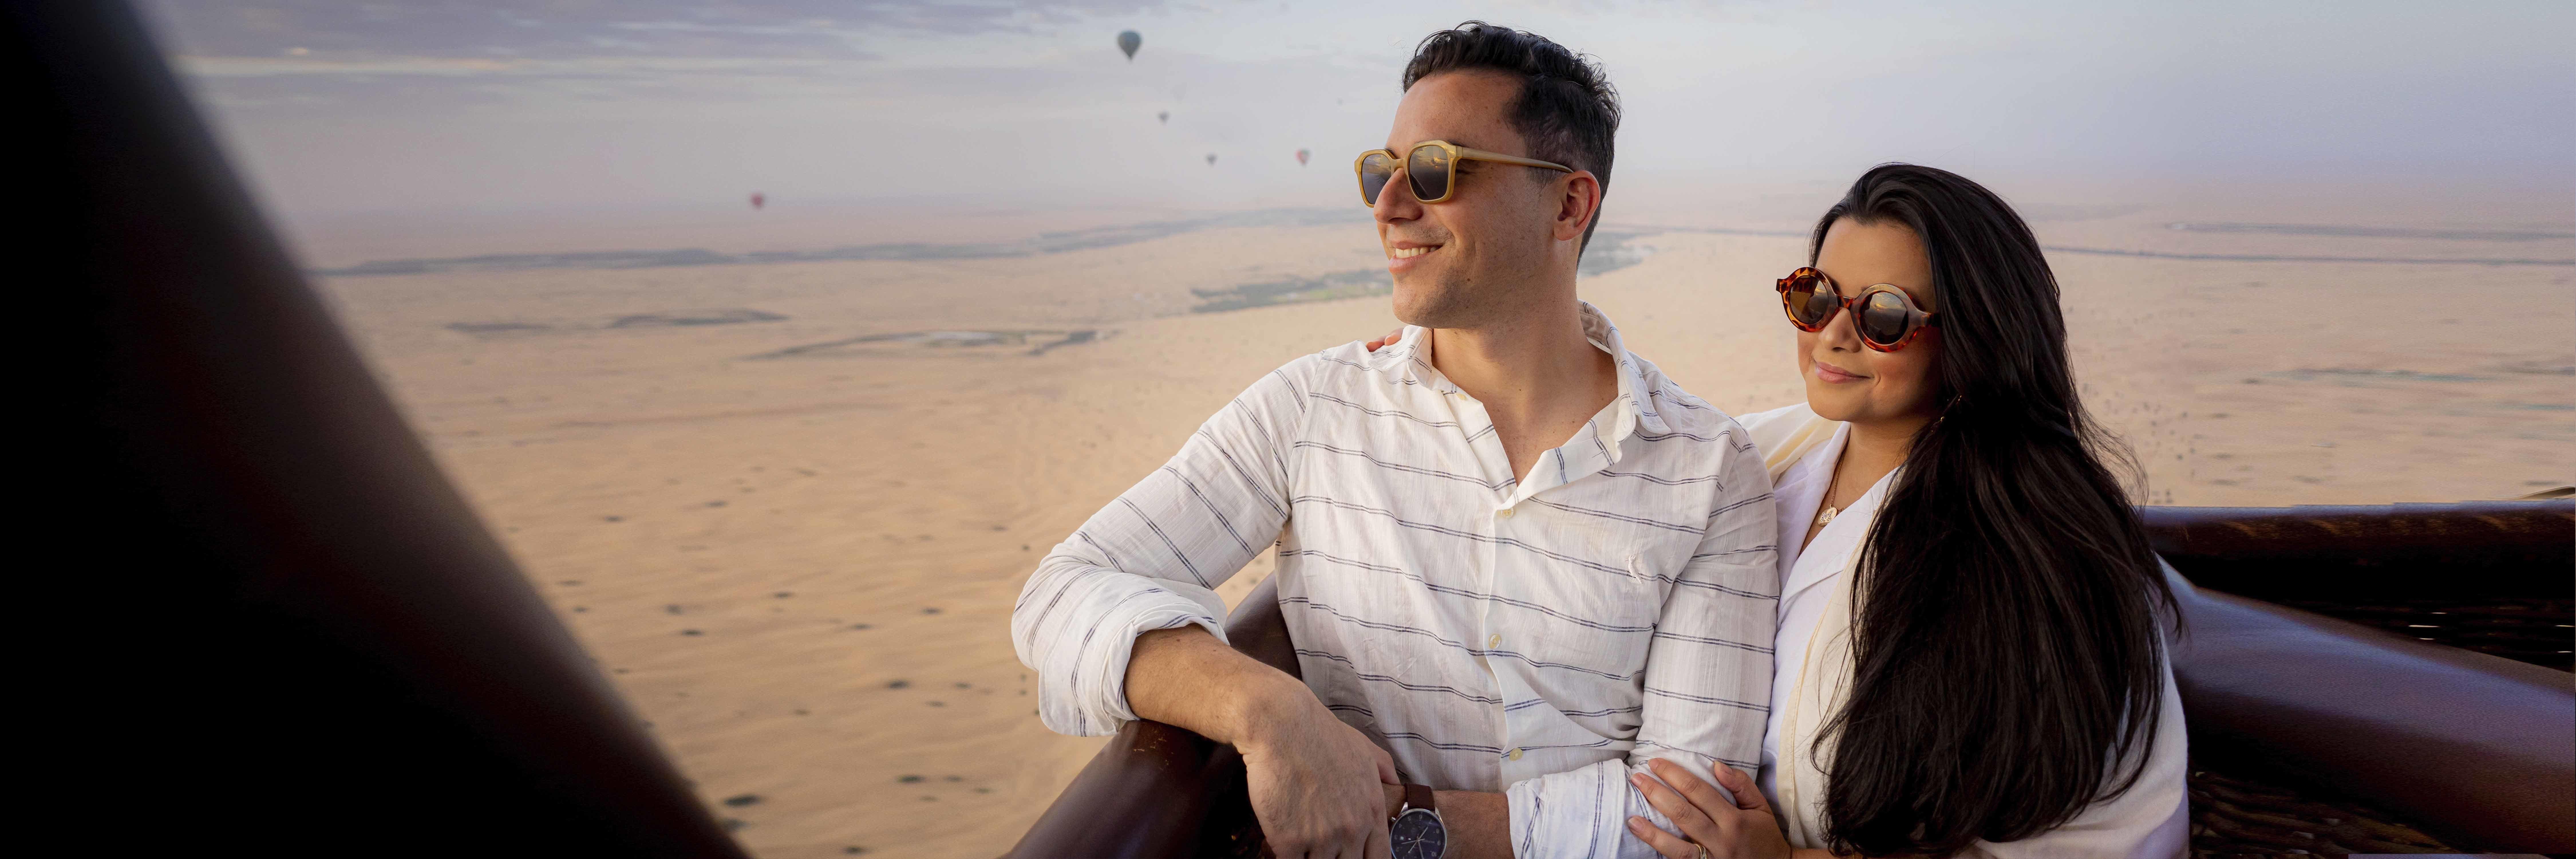 Sobre GLAYCON & MARCELA | Fotógrafos de casamento em BH, Contagem e Betim